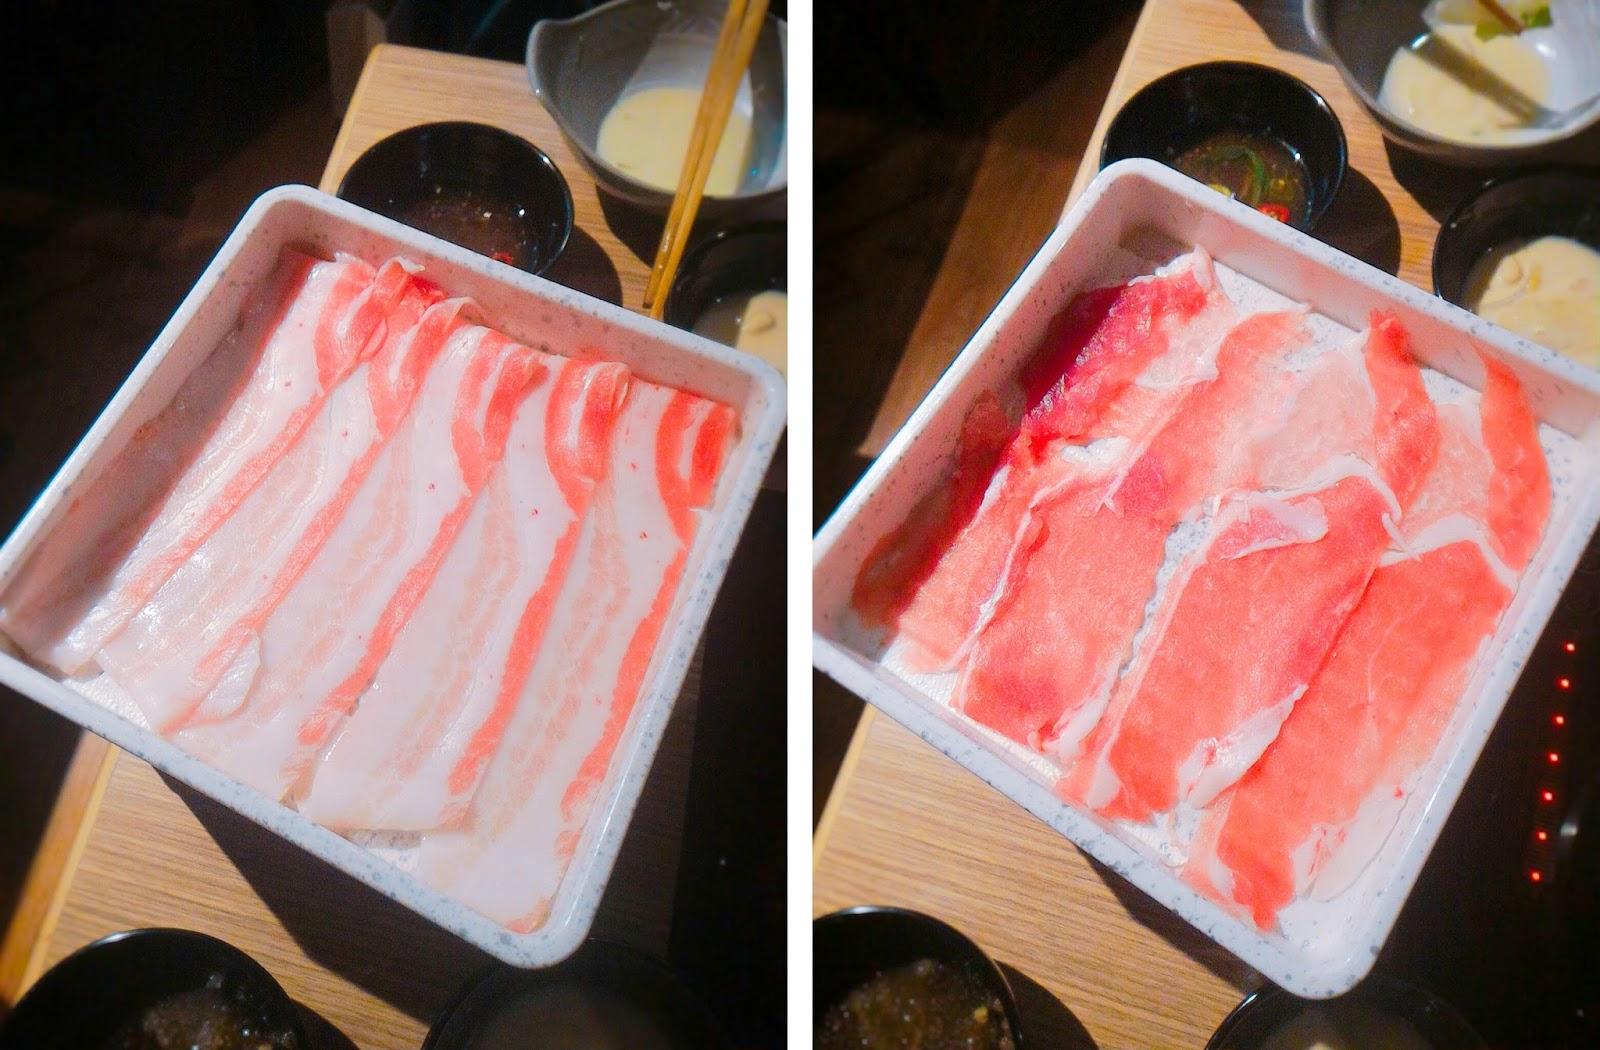 2016 10 16 19 29 45 - 【台南東區】涮乃葉吃到飽日式涮涮鍋 - 新鮮蔬菜與手工拉麵,還有超濃郁的霜淇淋!